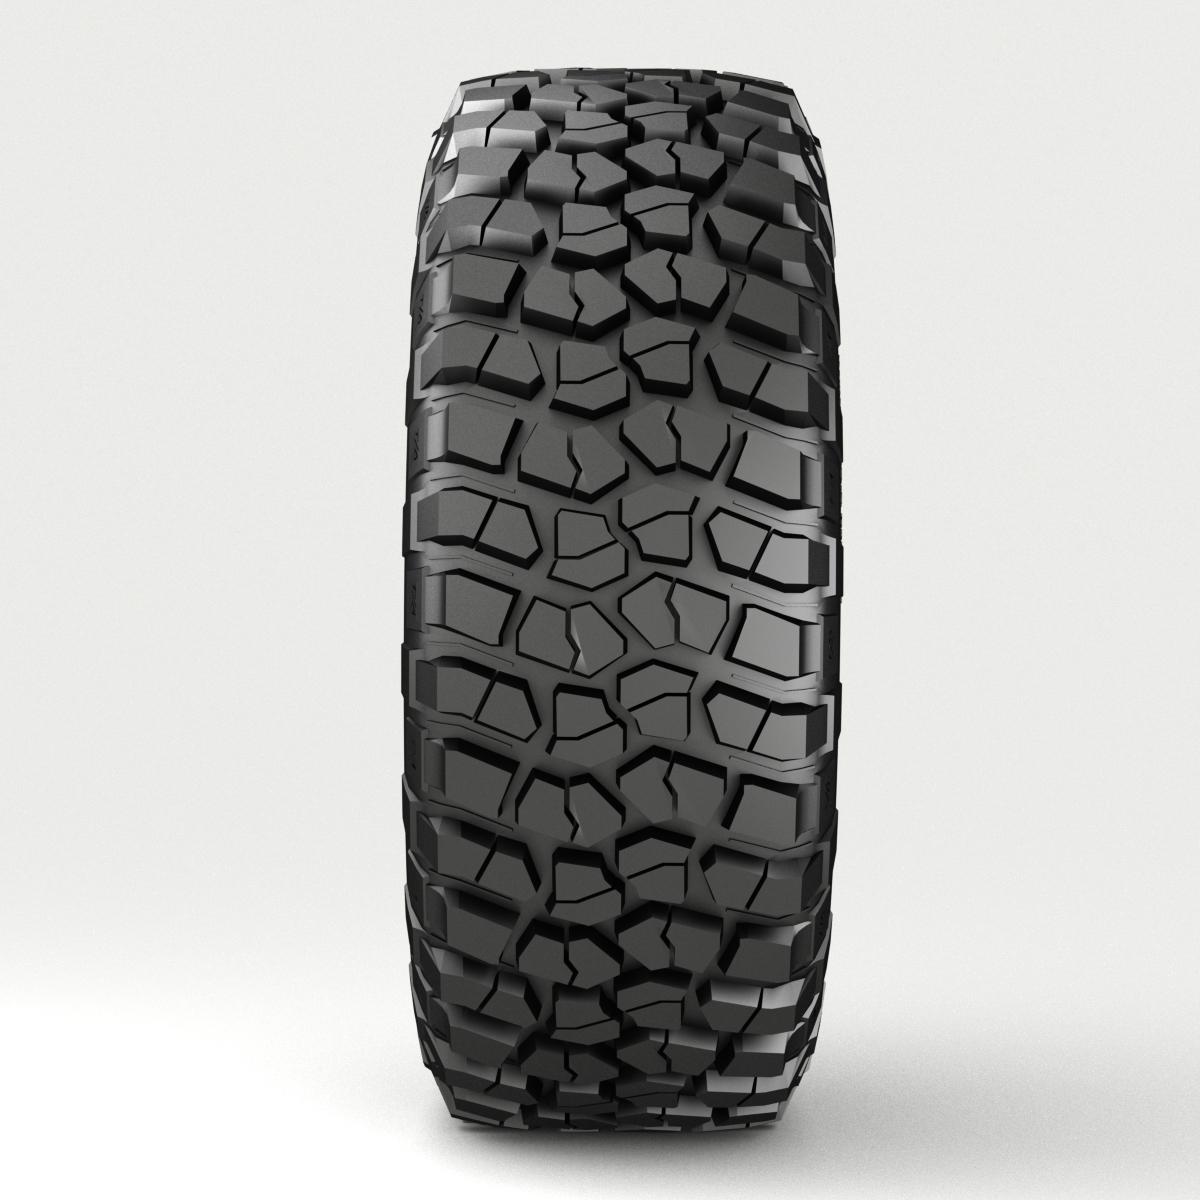 off road wheel and tire 3 3d model 3ds max fbx tga targa icb vda vst pix obj 224447